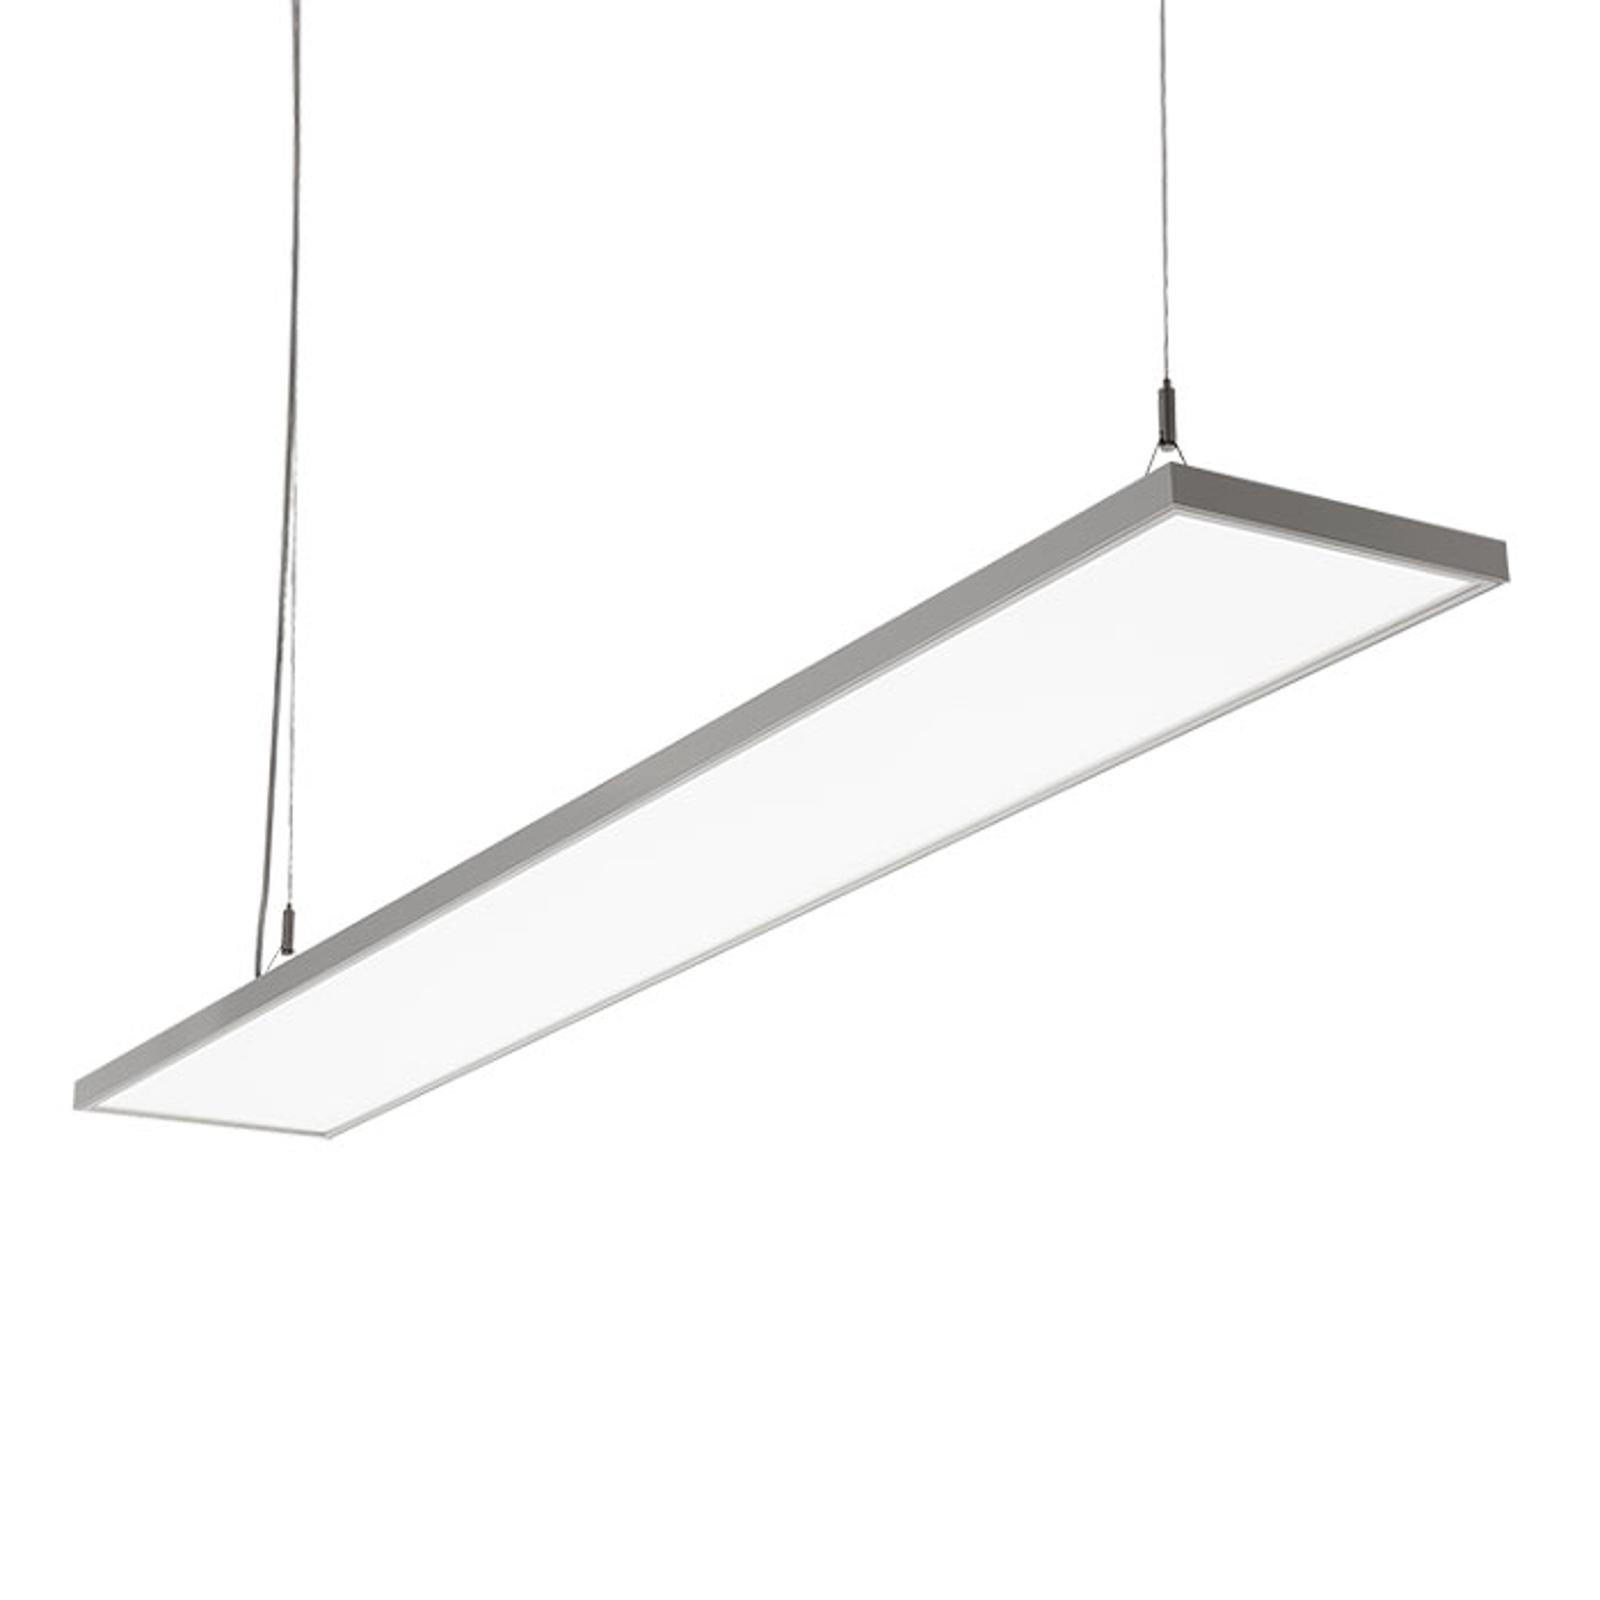 Suspension LED C95-P, gris argenté, 149,4cm